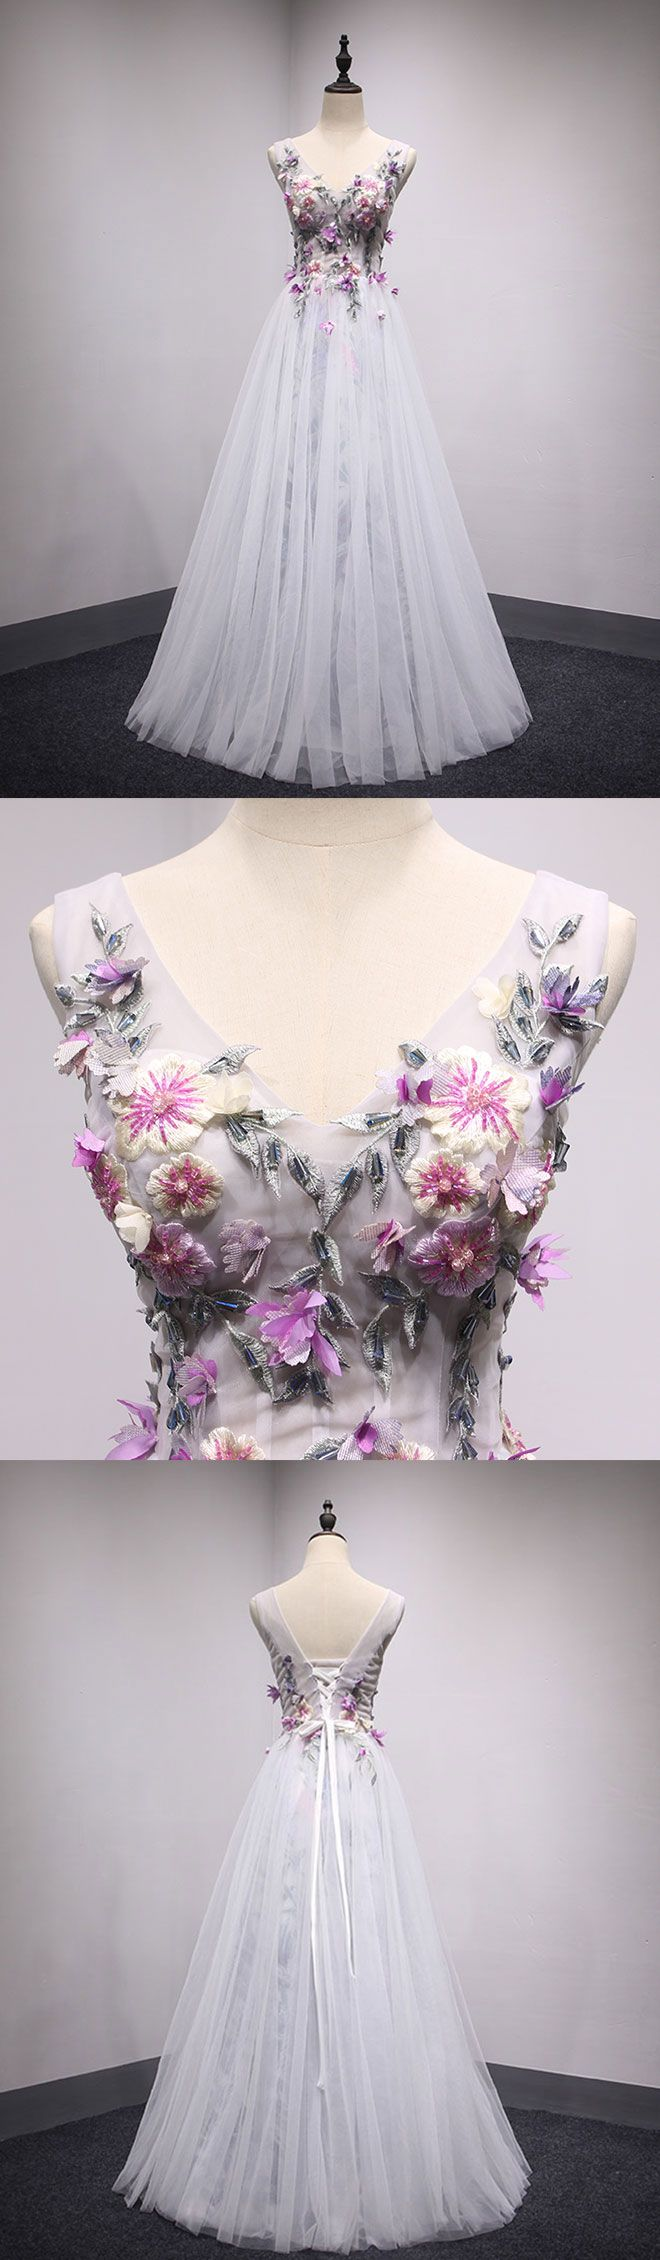 White v neck tulle long prom dress, formal dress